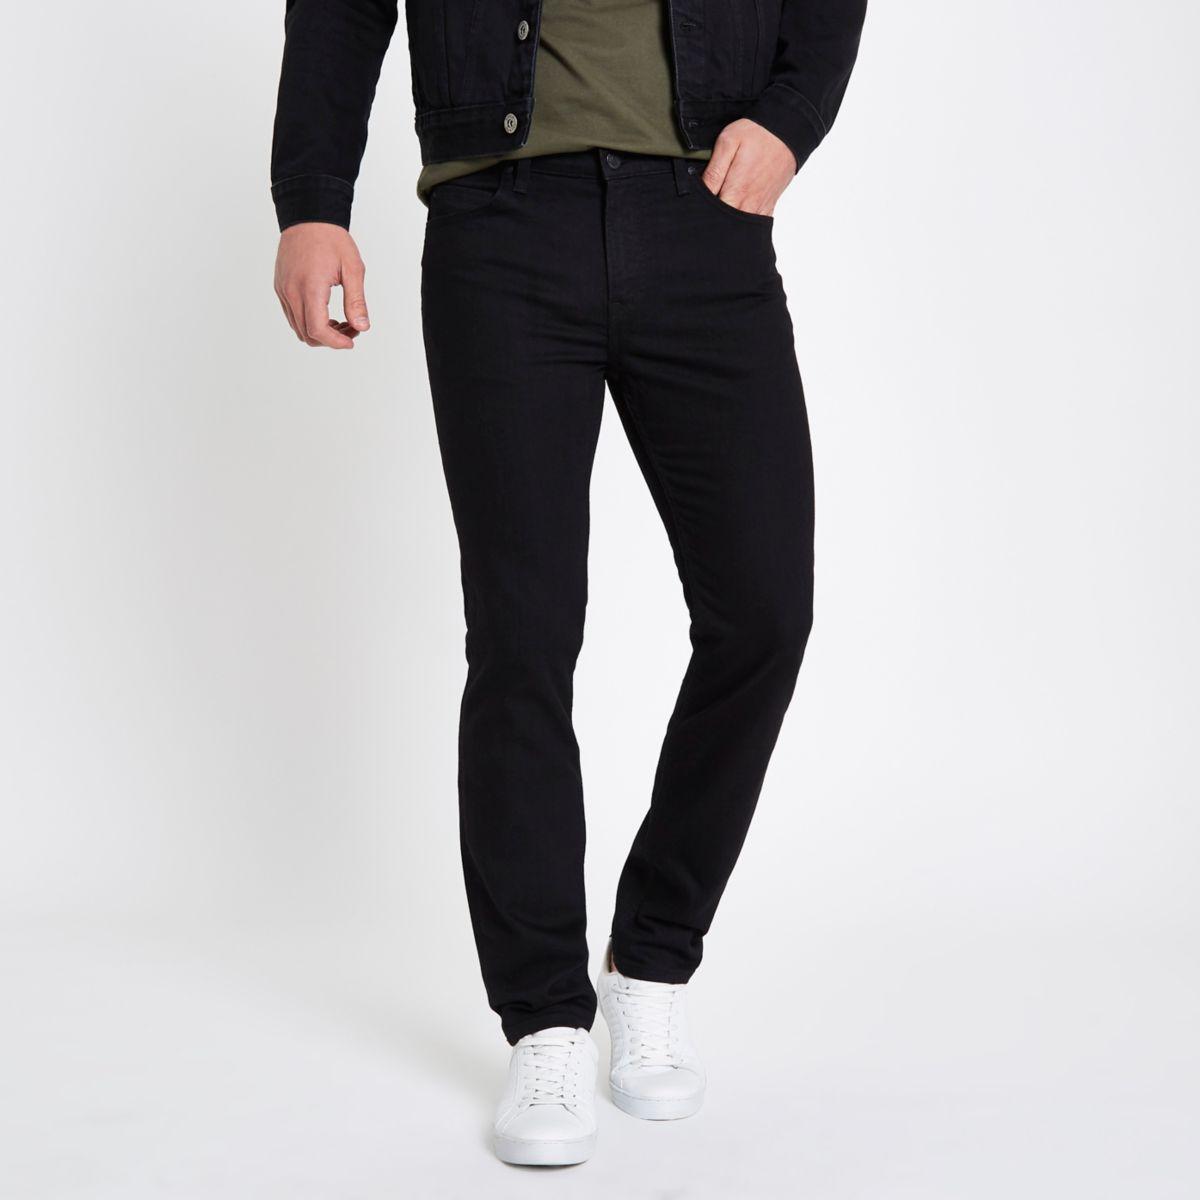 Black Lee slim fit Rider jeans